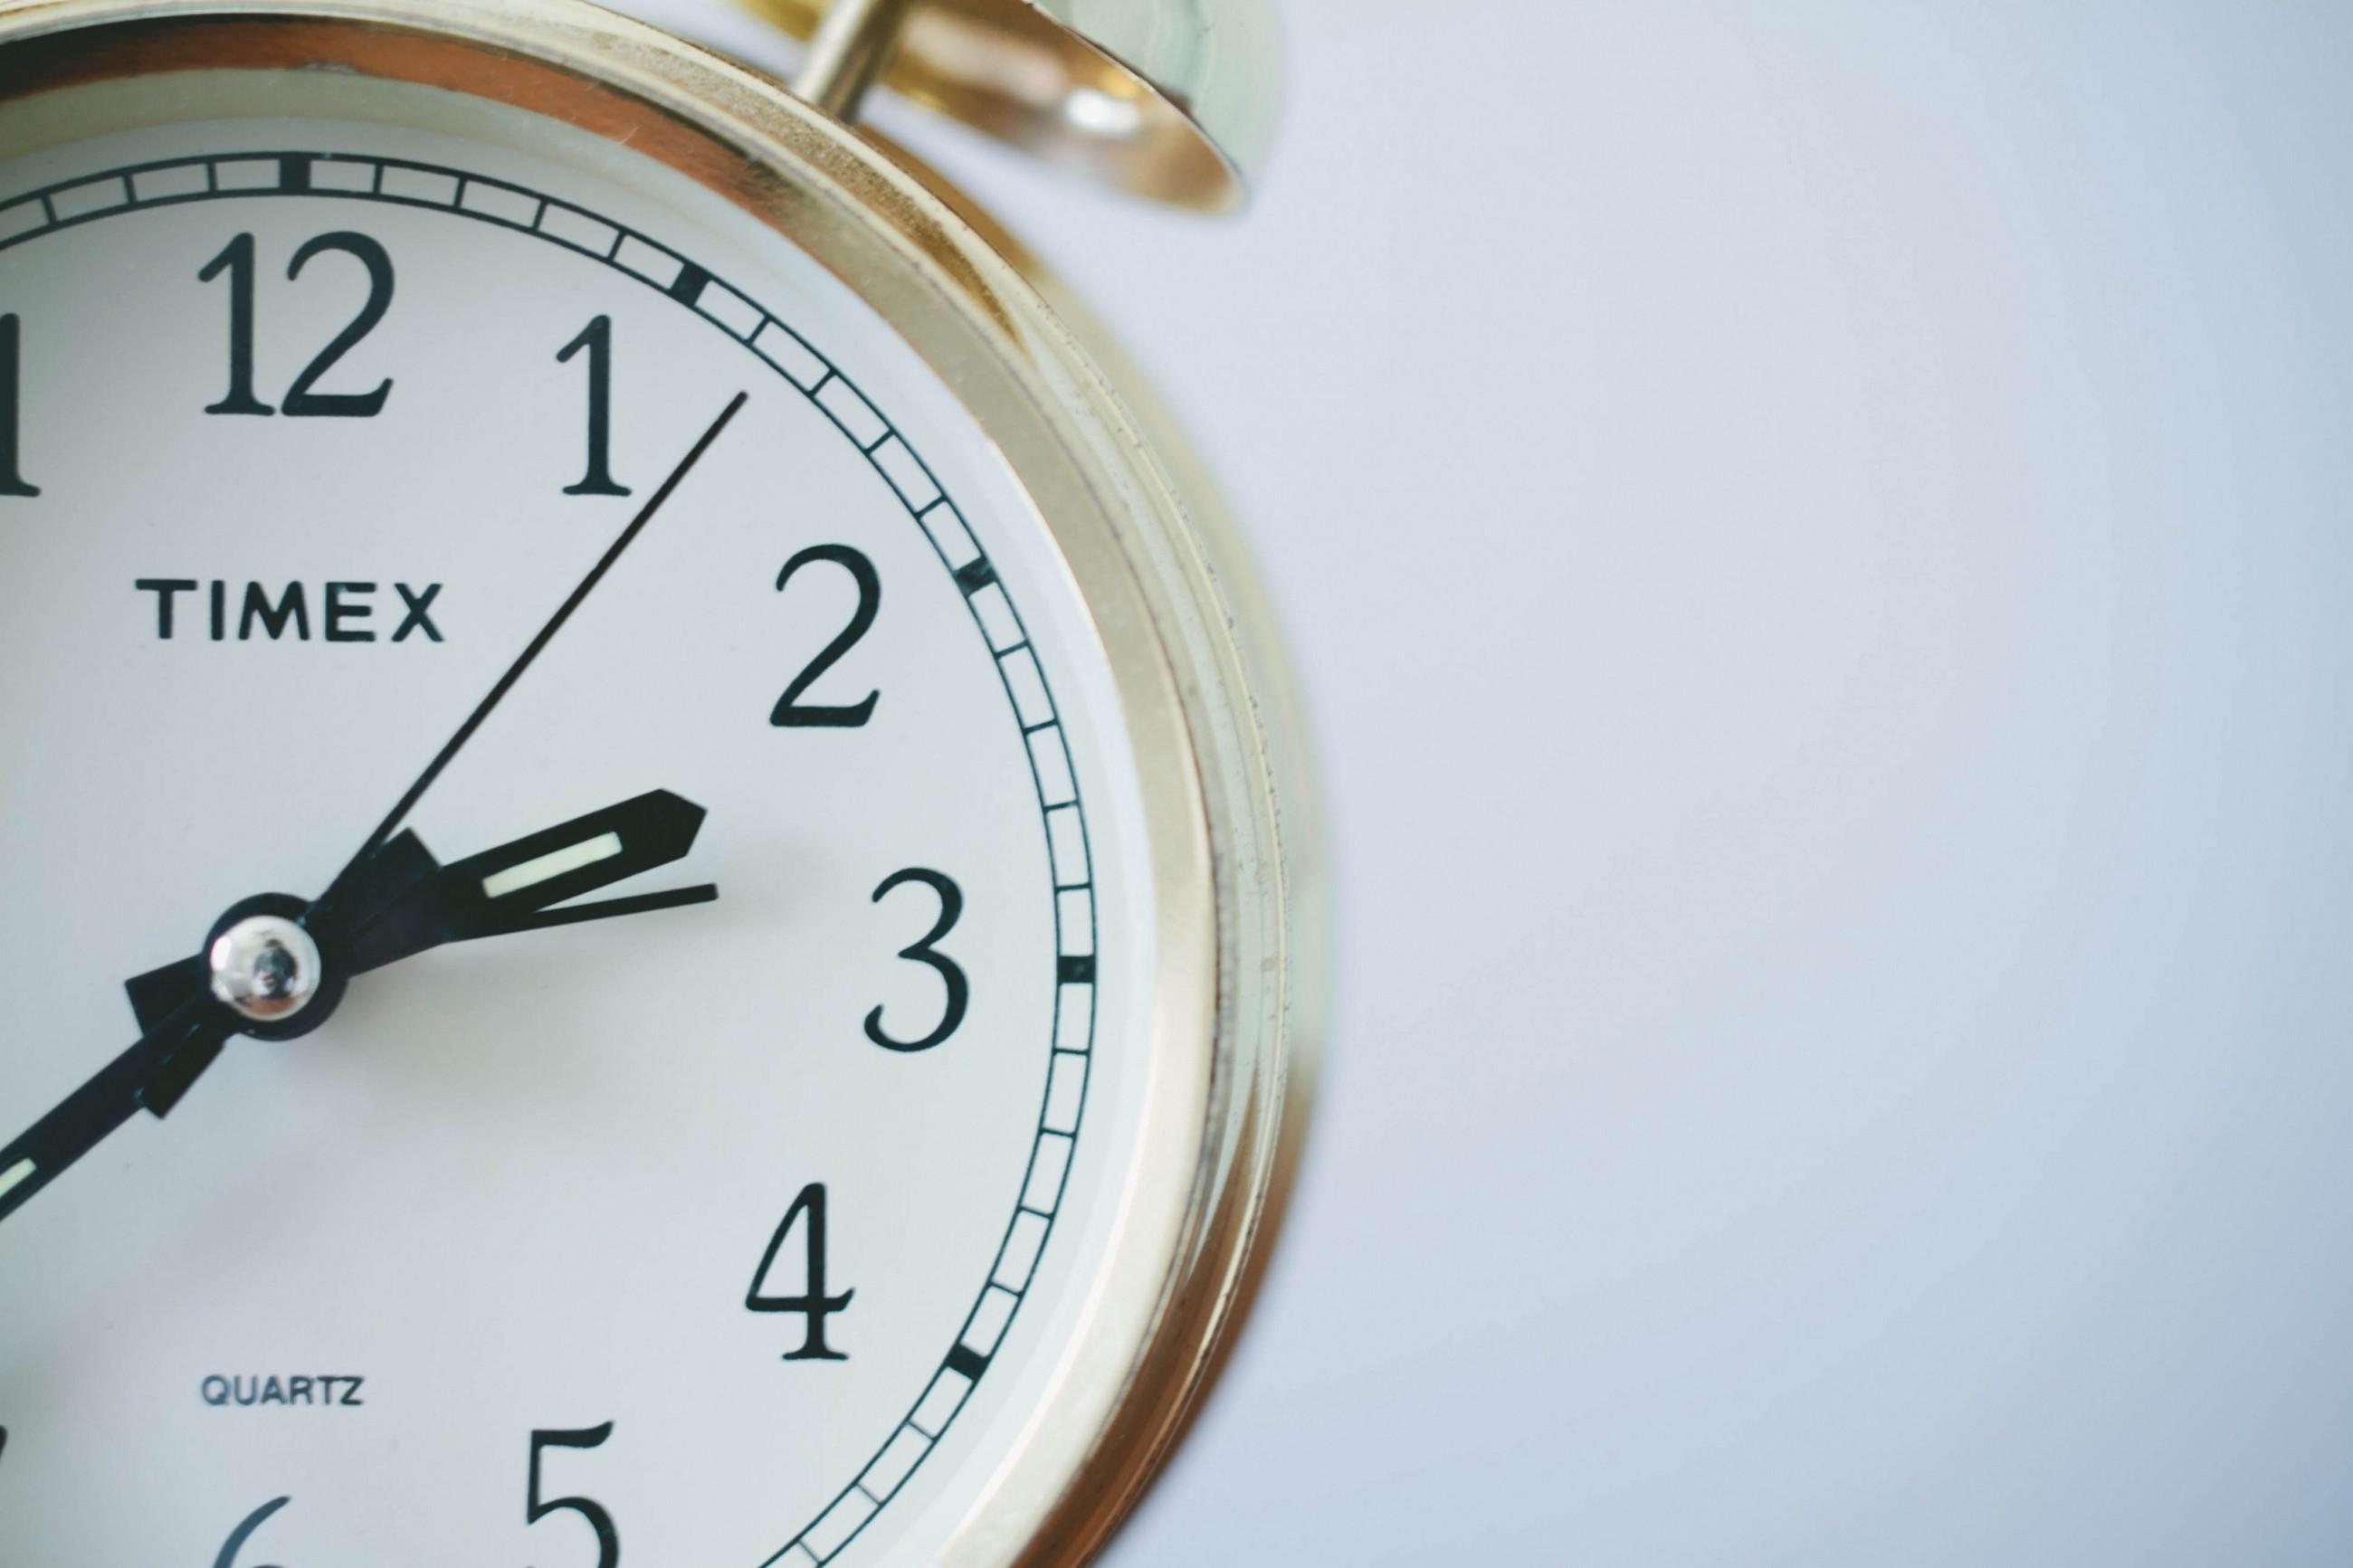 Đồng hồ chuông quả nấm làm nền cho đồng hồ đếm ngược